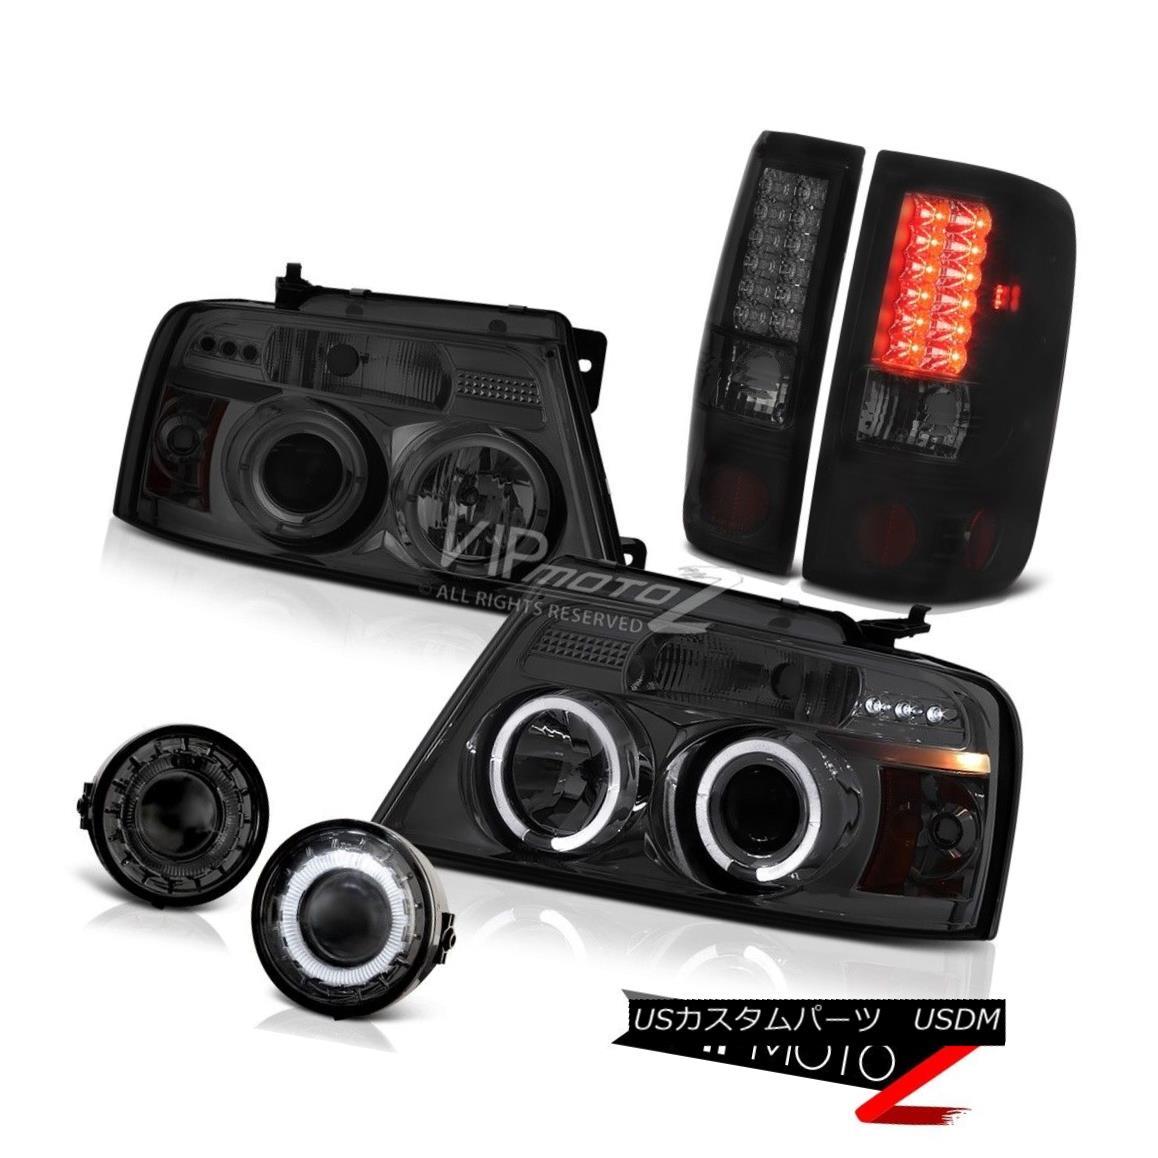 """ヘッドライト 06-08 Ford F150 <BEAST MODE> Projector Headlight Fog Brake Lamps""""Phantom Smoked"""" 06-08 Ford F150< BEAST MODE> プロジェクターヘッドライトフォグブレーキランプ """"Phantom Smoked"""""""